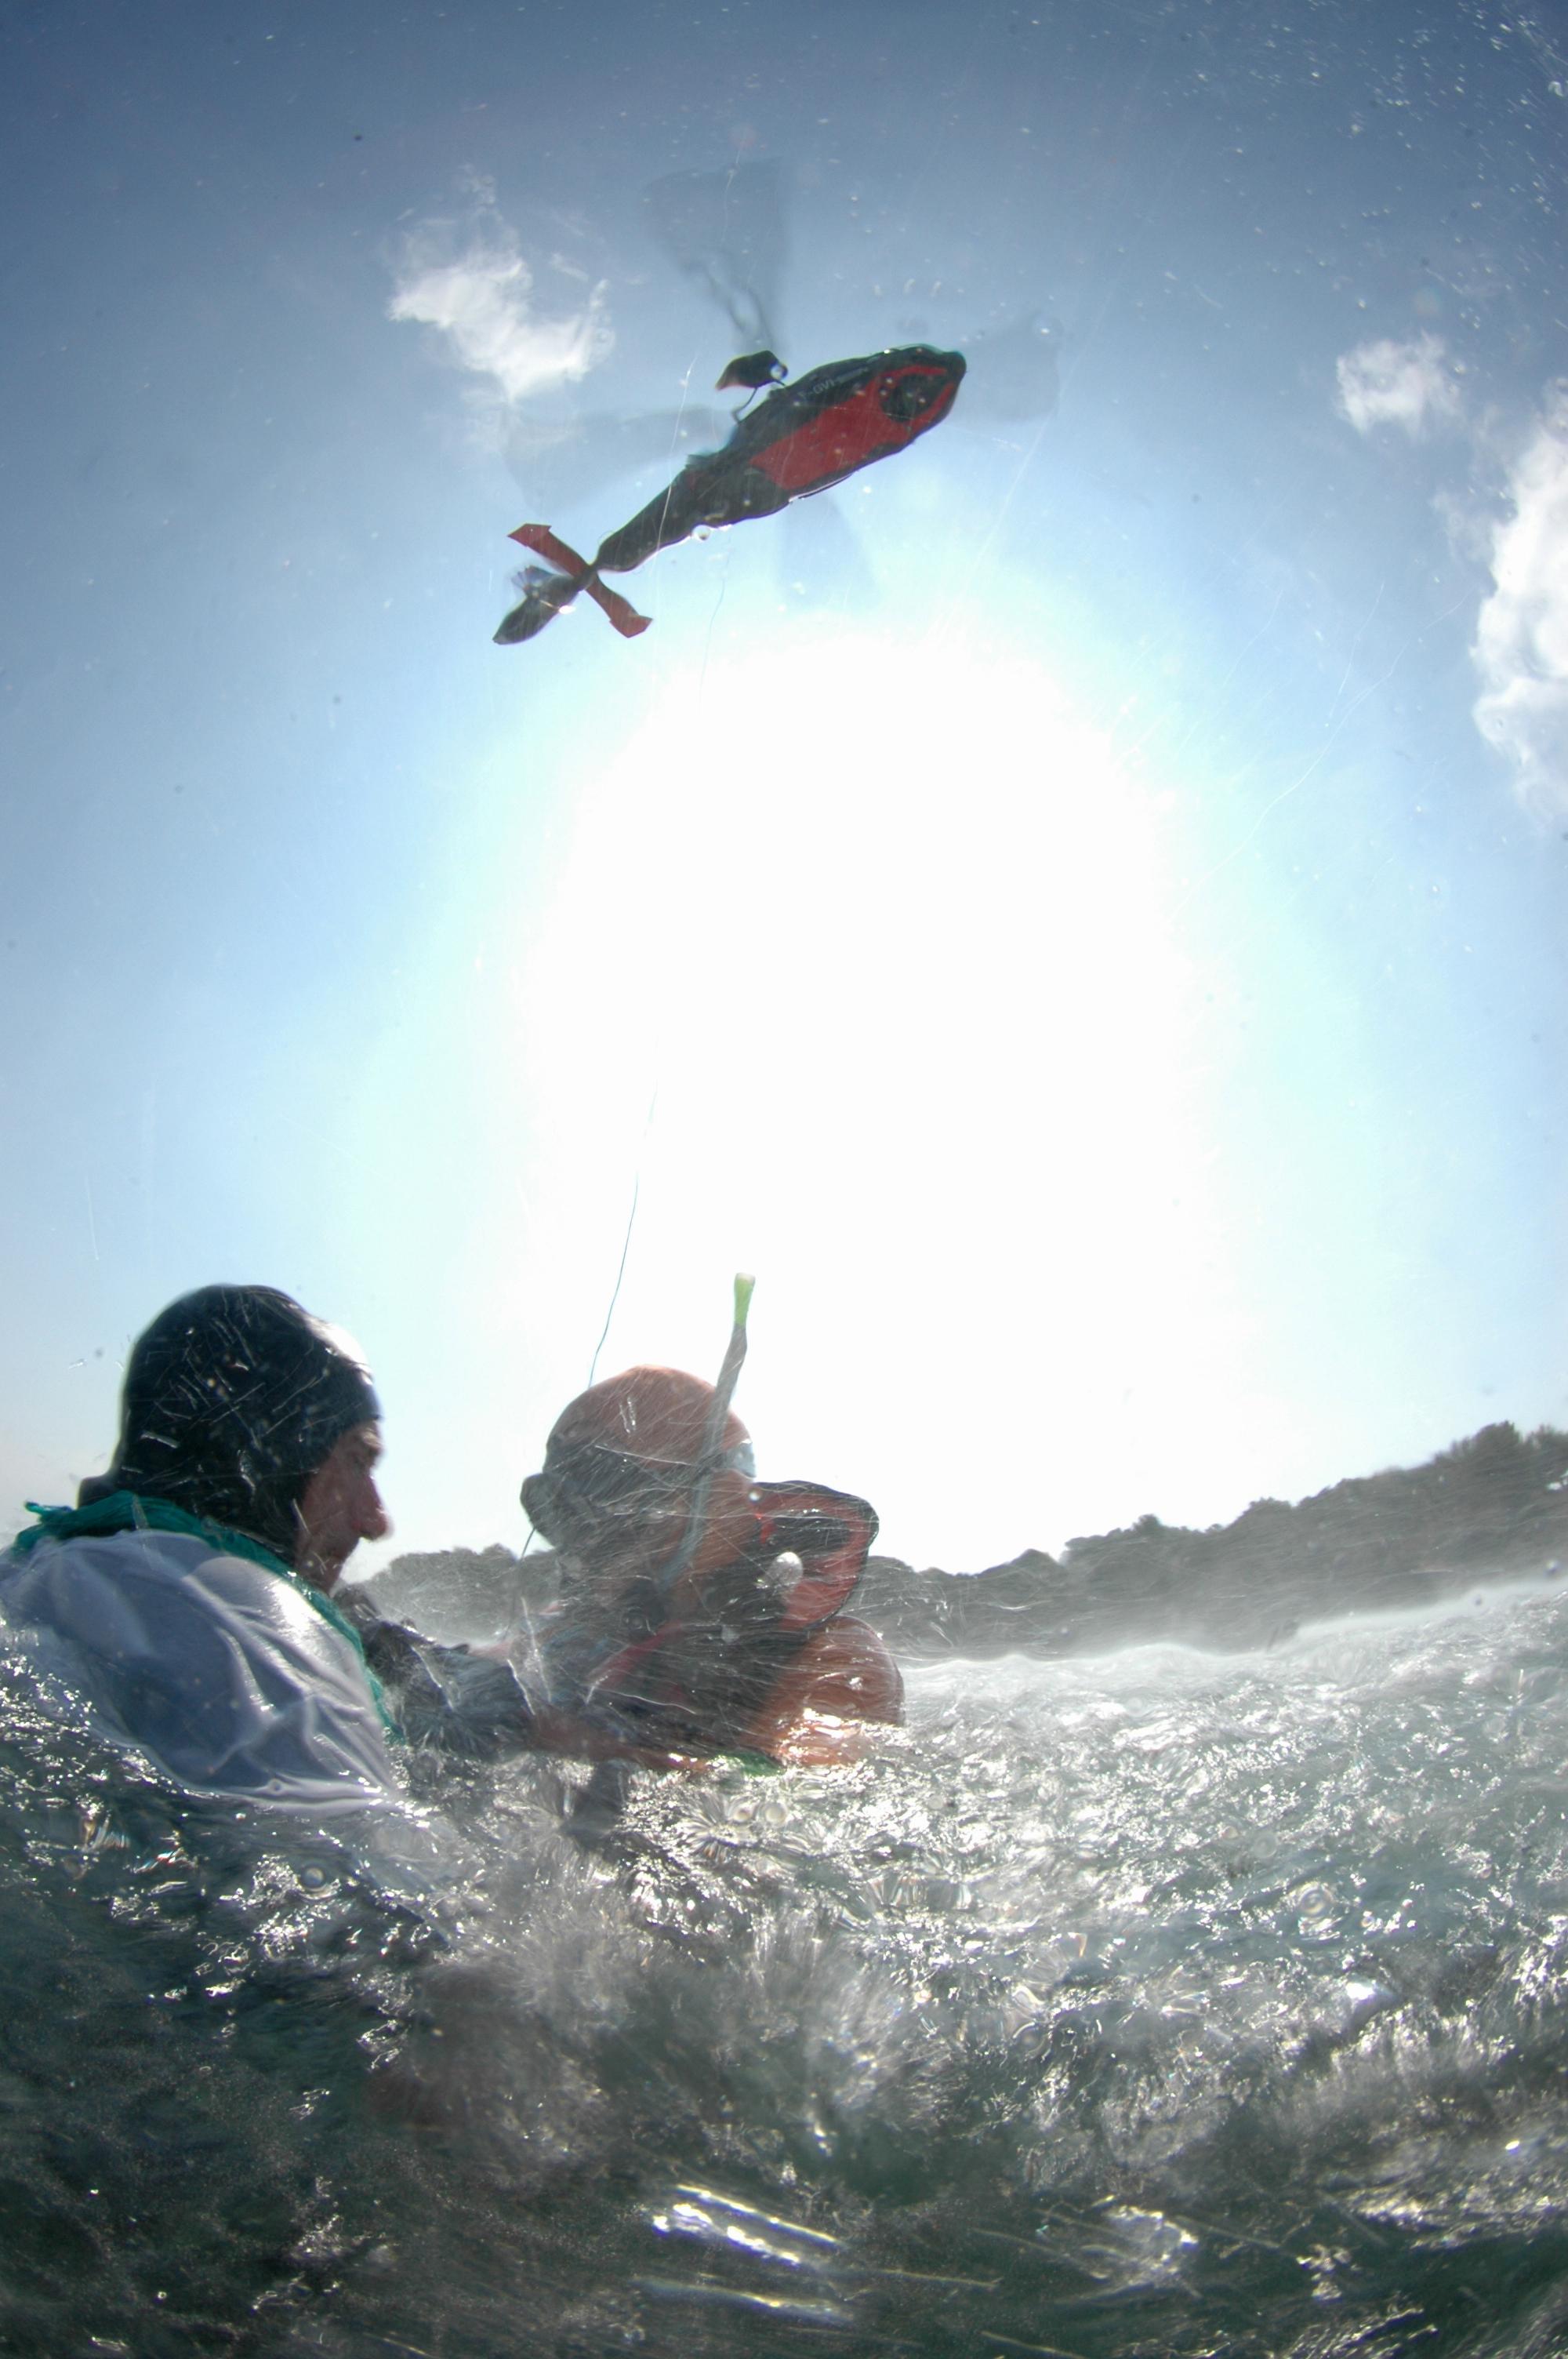 Secours porté par un sauveteur nageur hélitreuillé